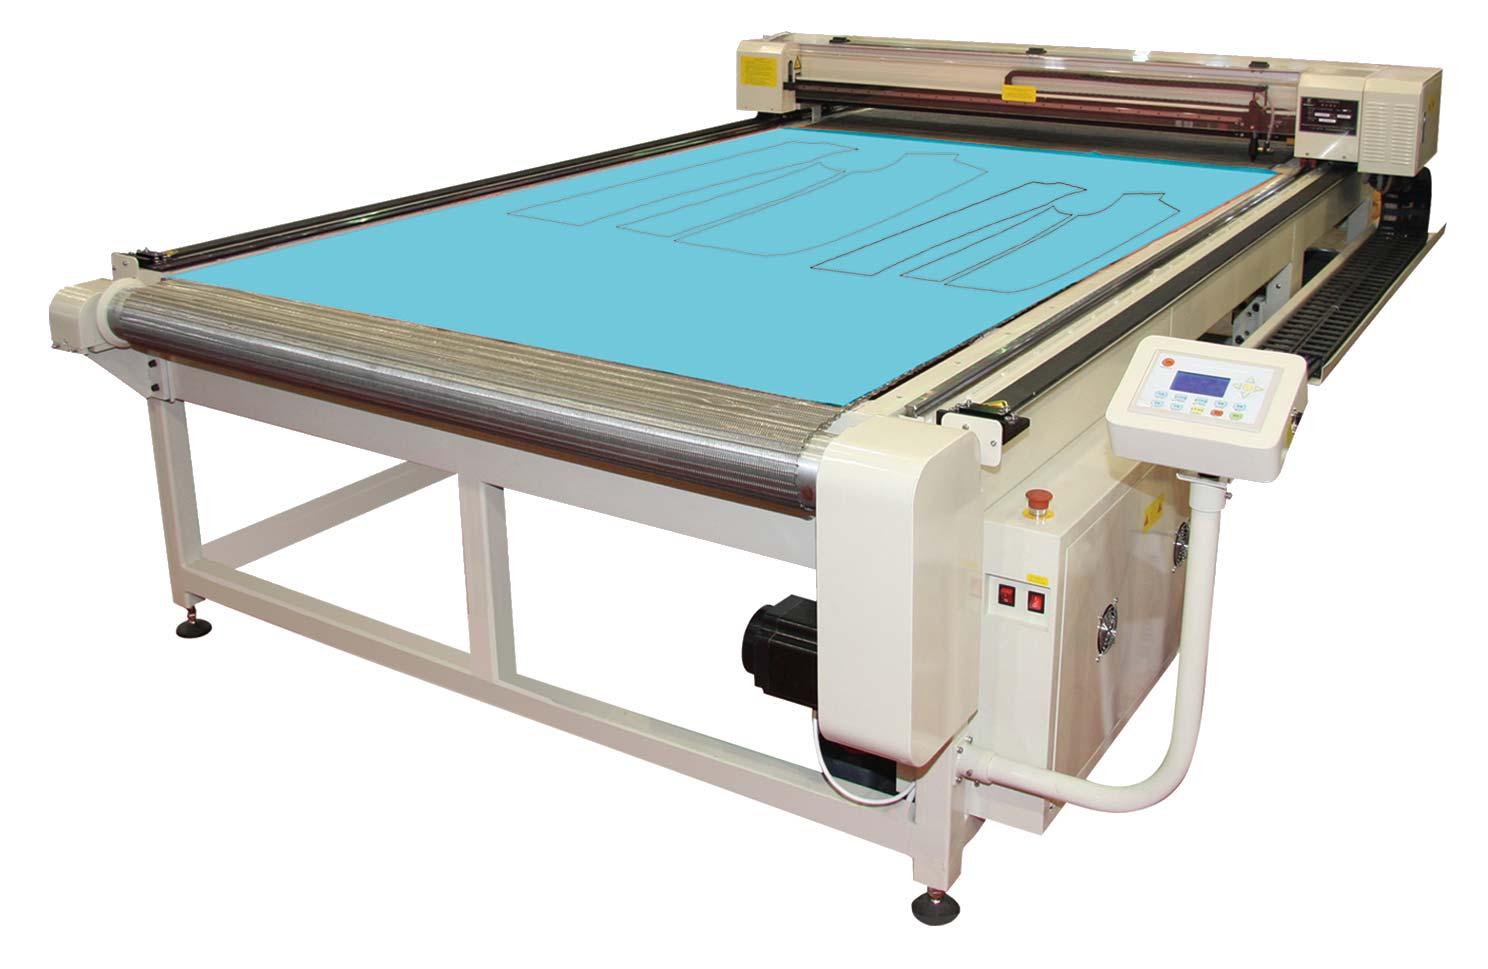 Maquina de cortar tecido a laser preço